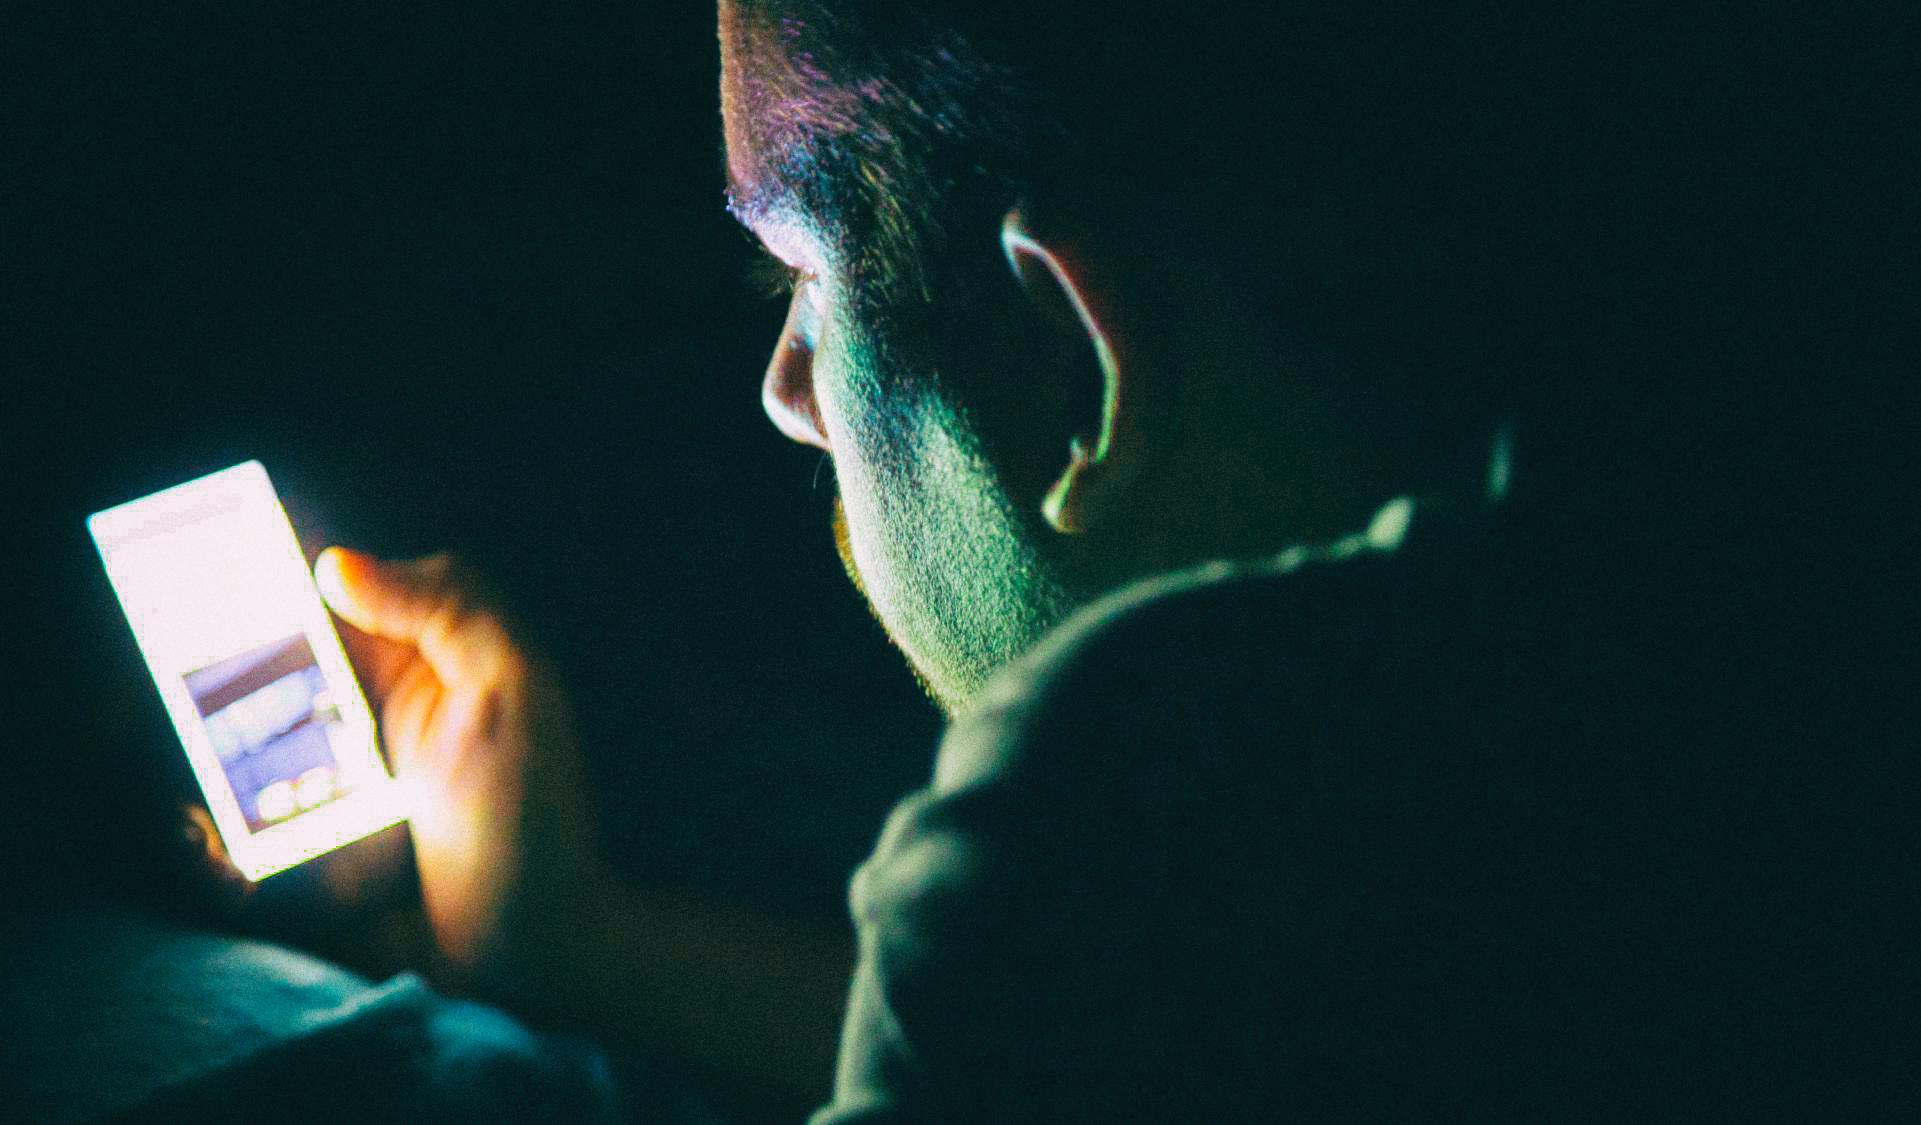 Исследование: Ночные режимы в смартфонах могут мешать людям спать